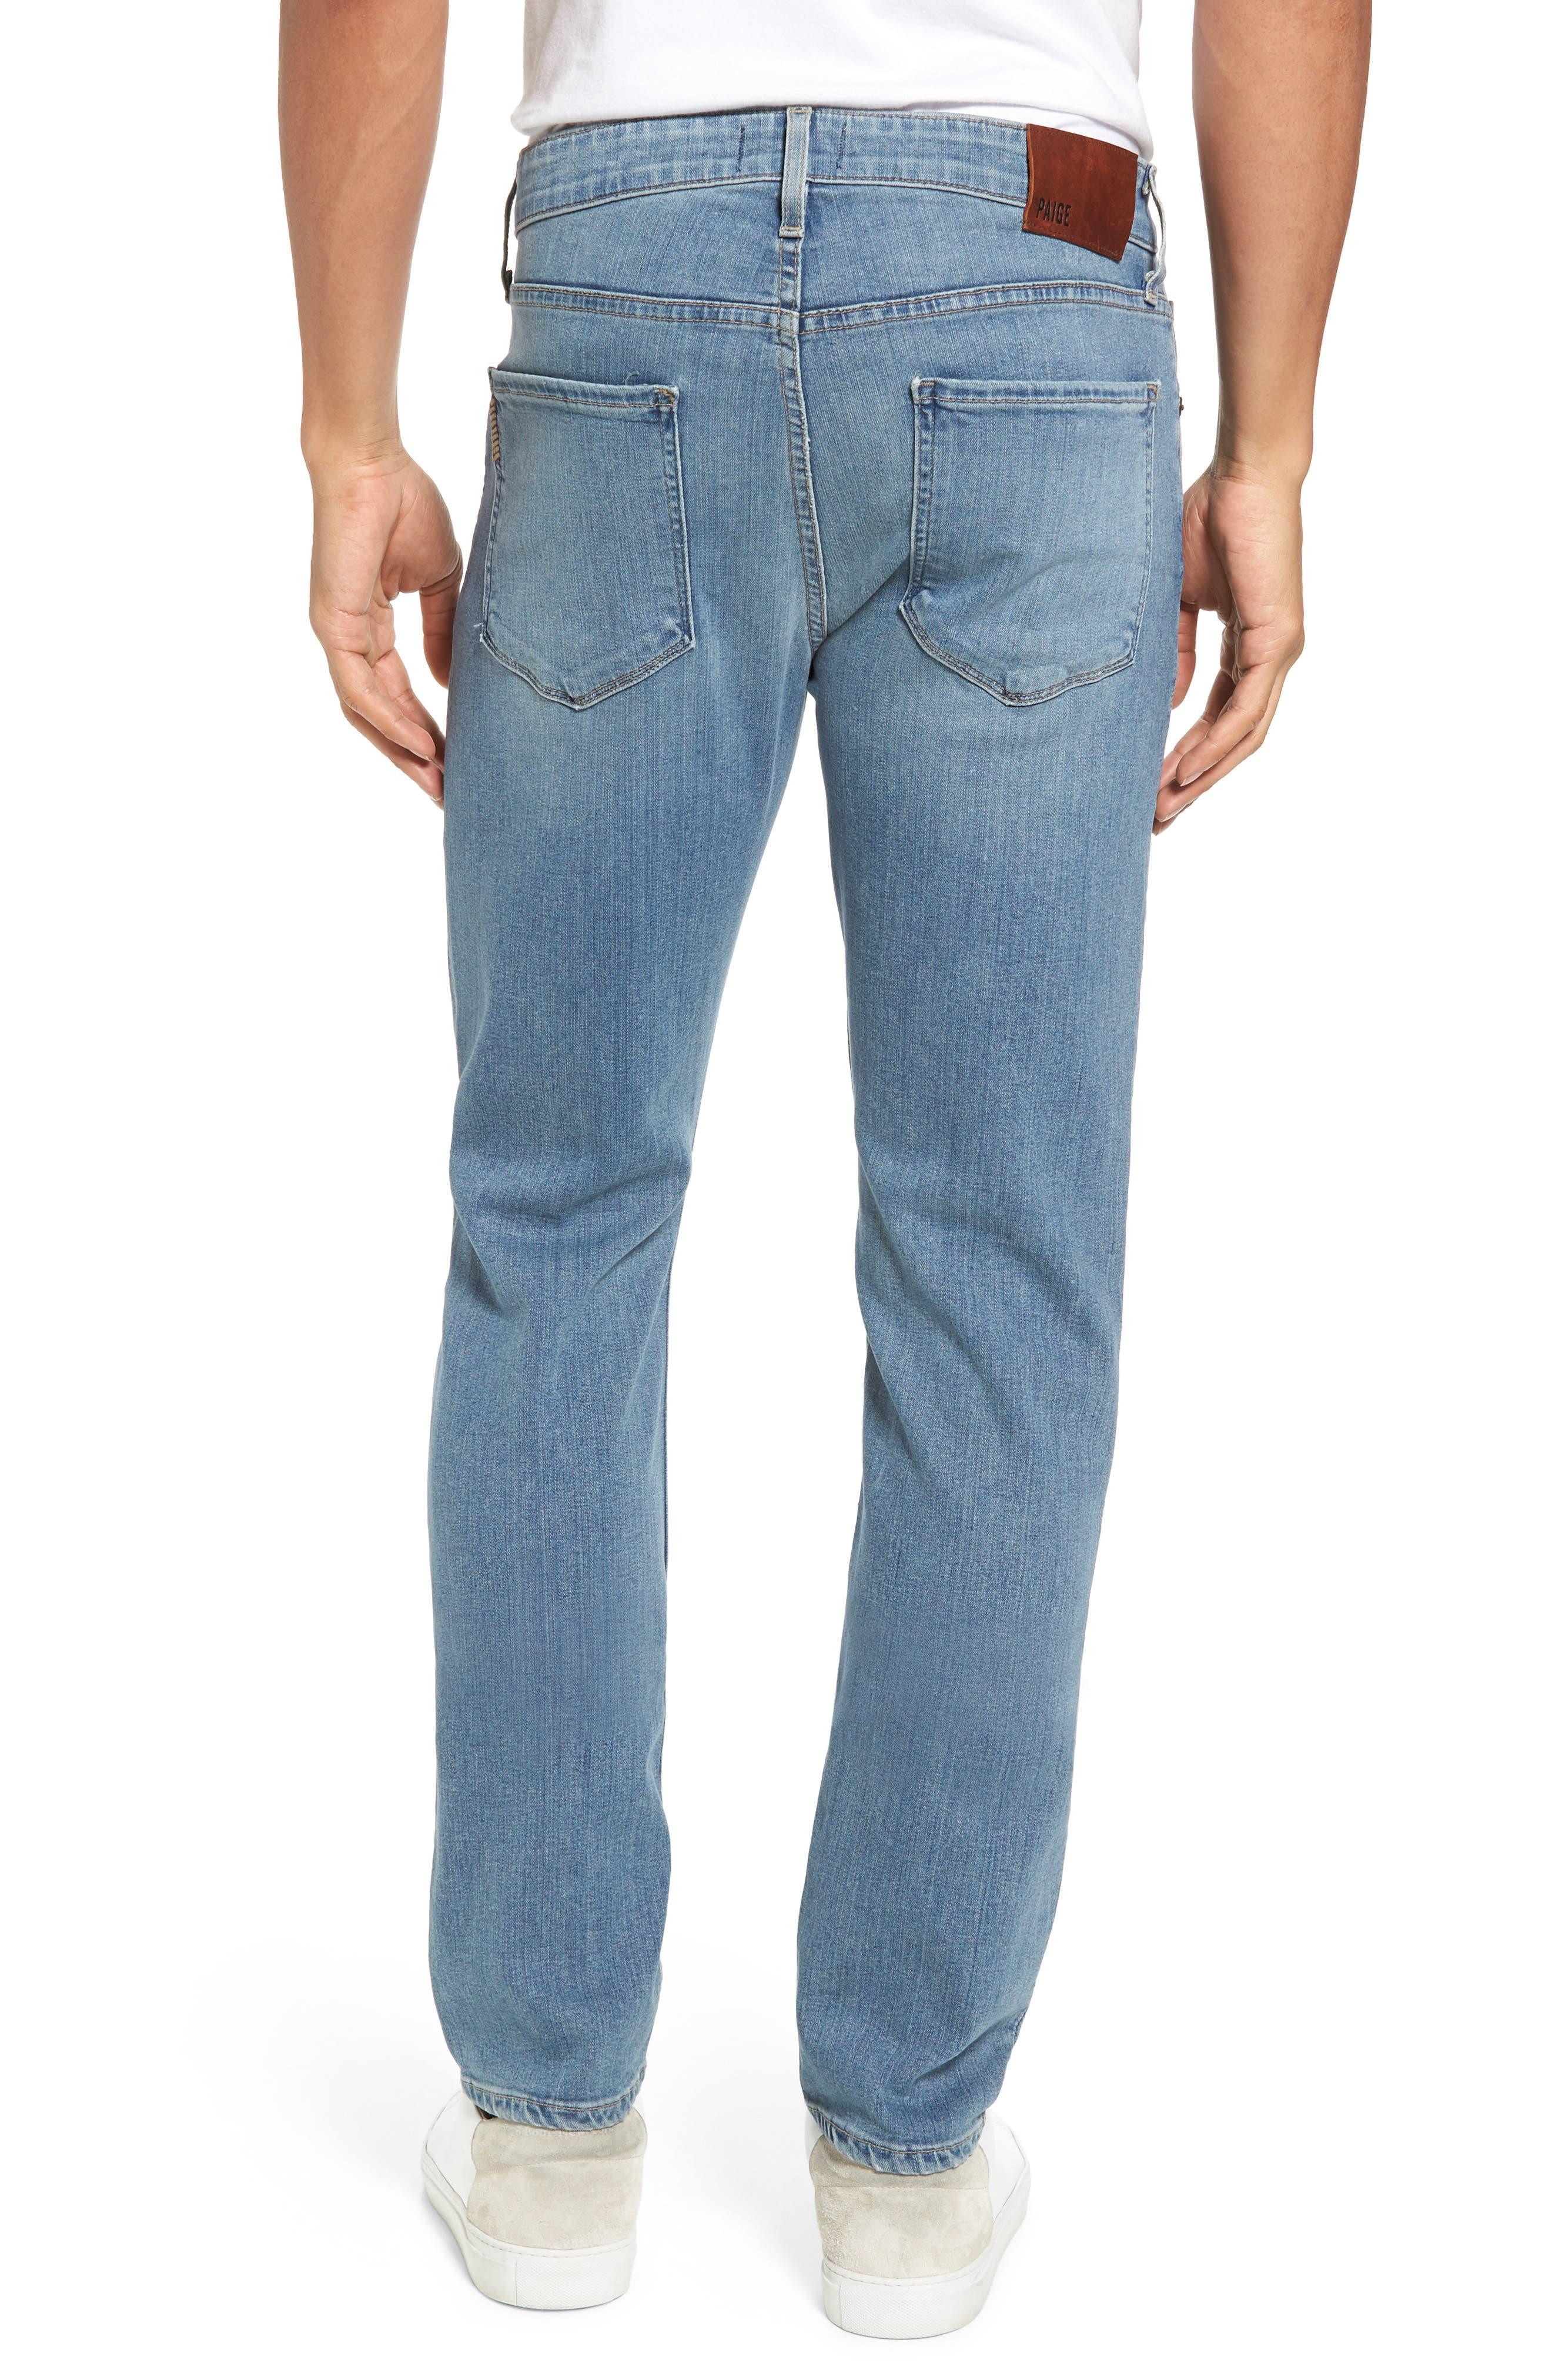 Transcend - Lennox Slim Fit Jeans,                             Alternate thumbnail 2, color,                             Liam